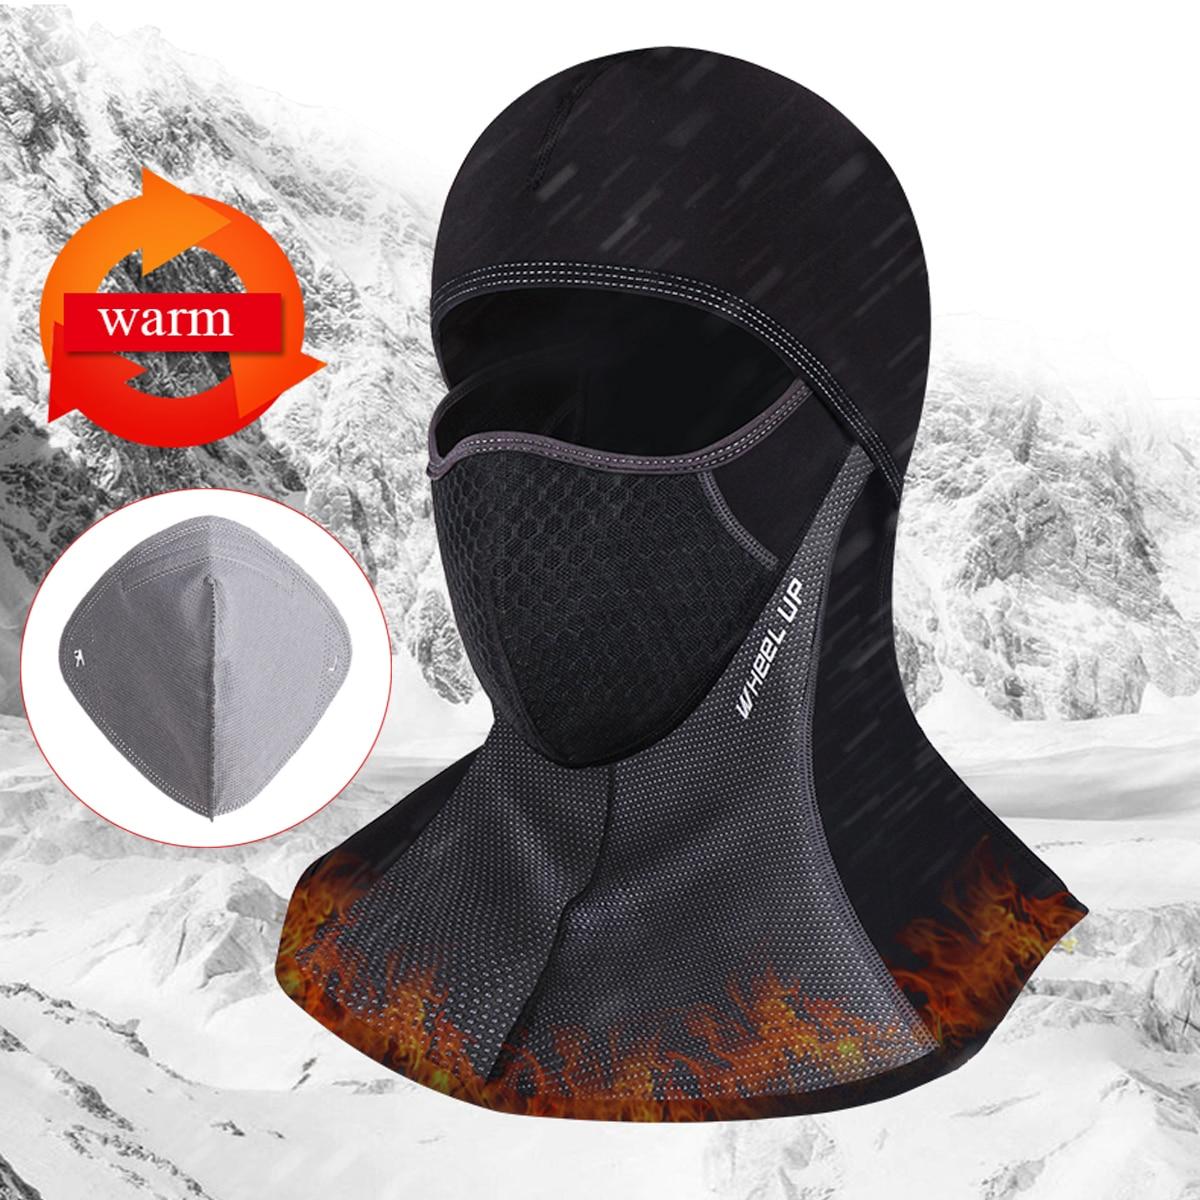 inverno motocicleta chapelaria cabeca wear quente esqui 01